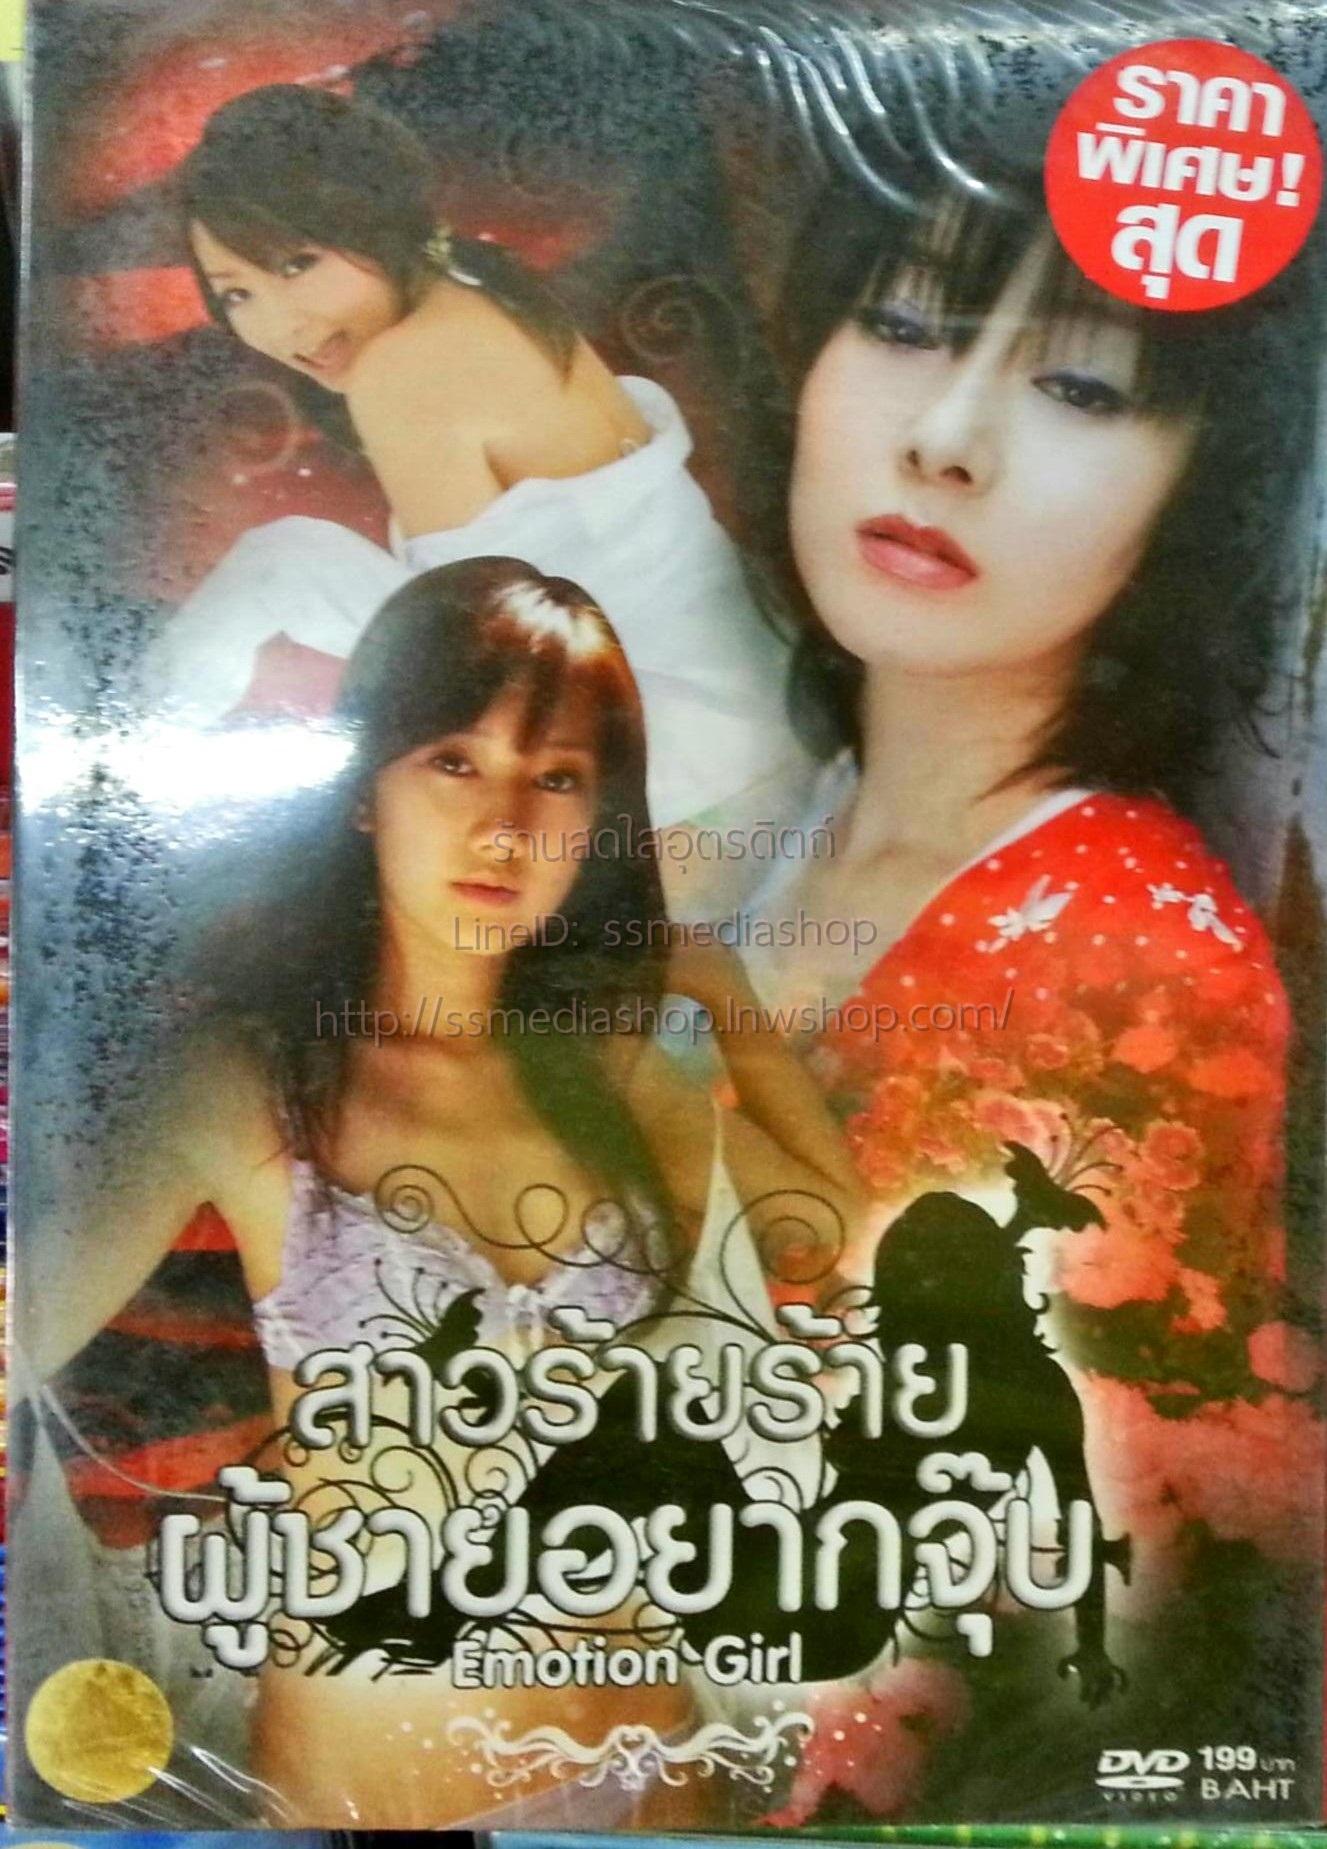 DVD หนังอีโรติค เรื่องสาวร้ายร้ายผู้ชายอยากจุ๊บ